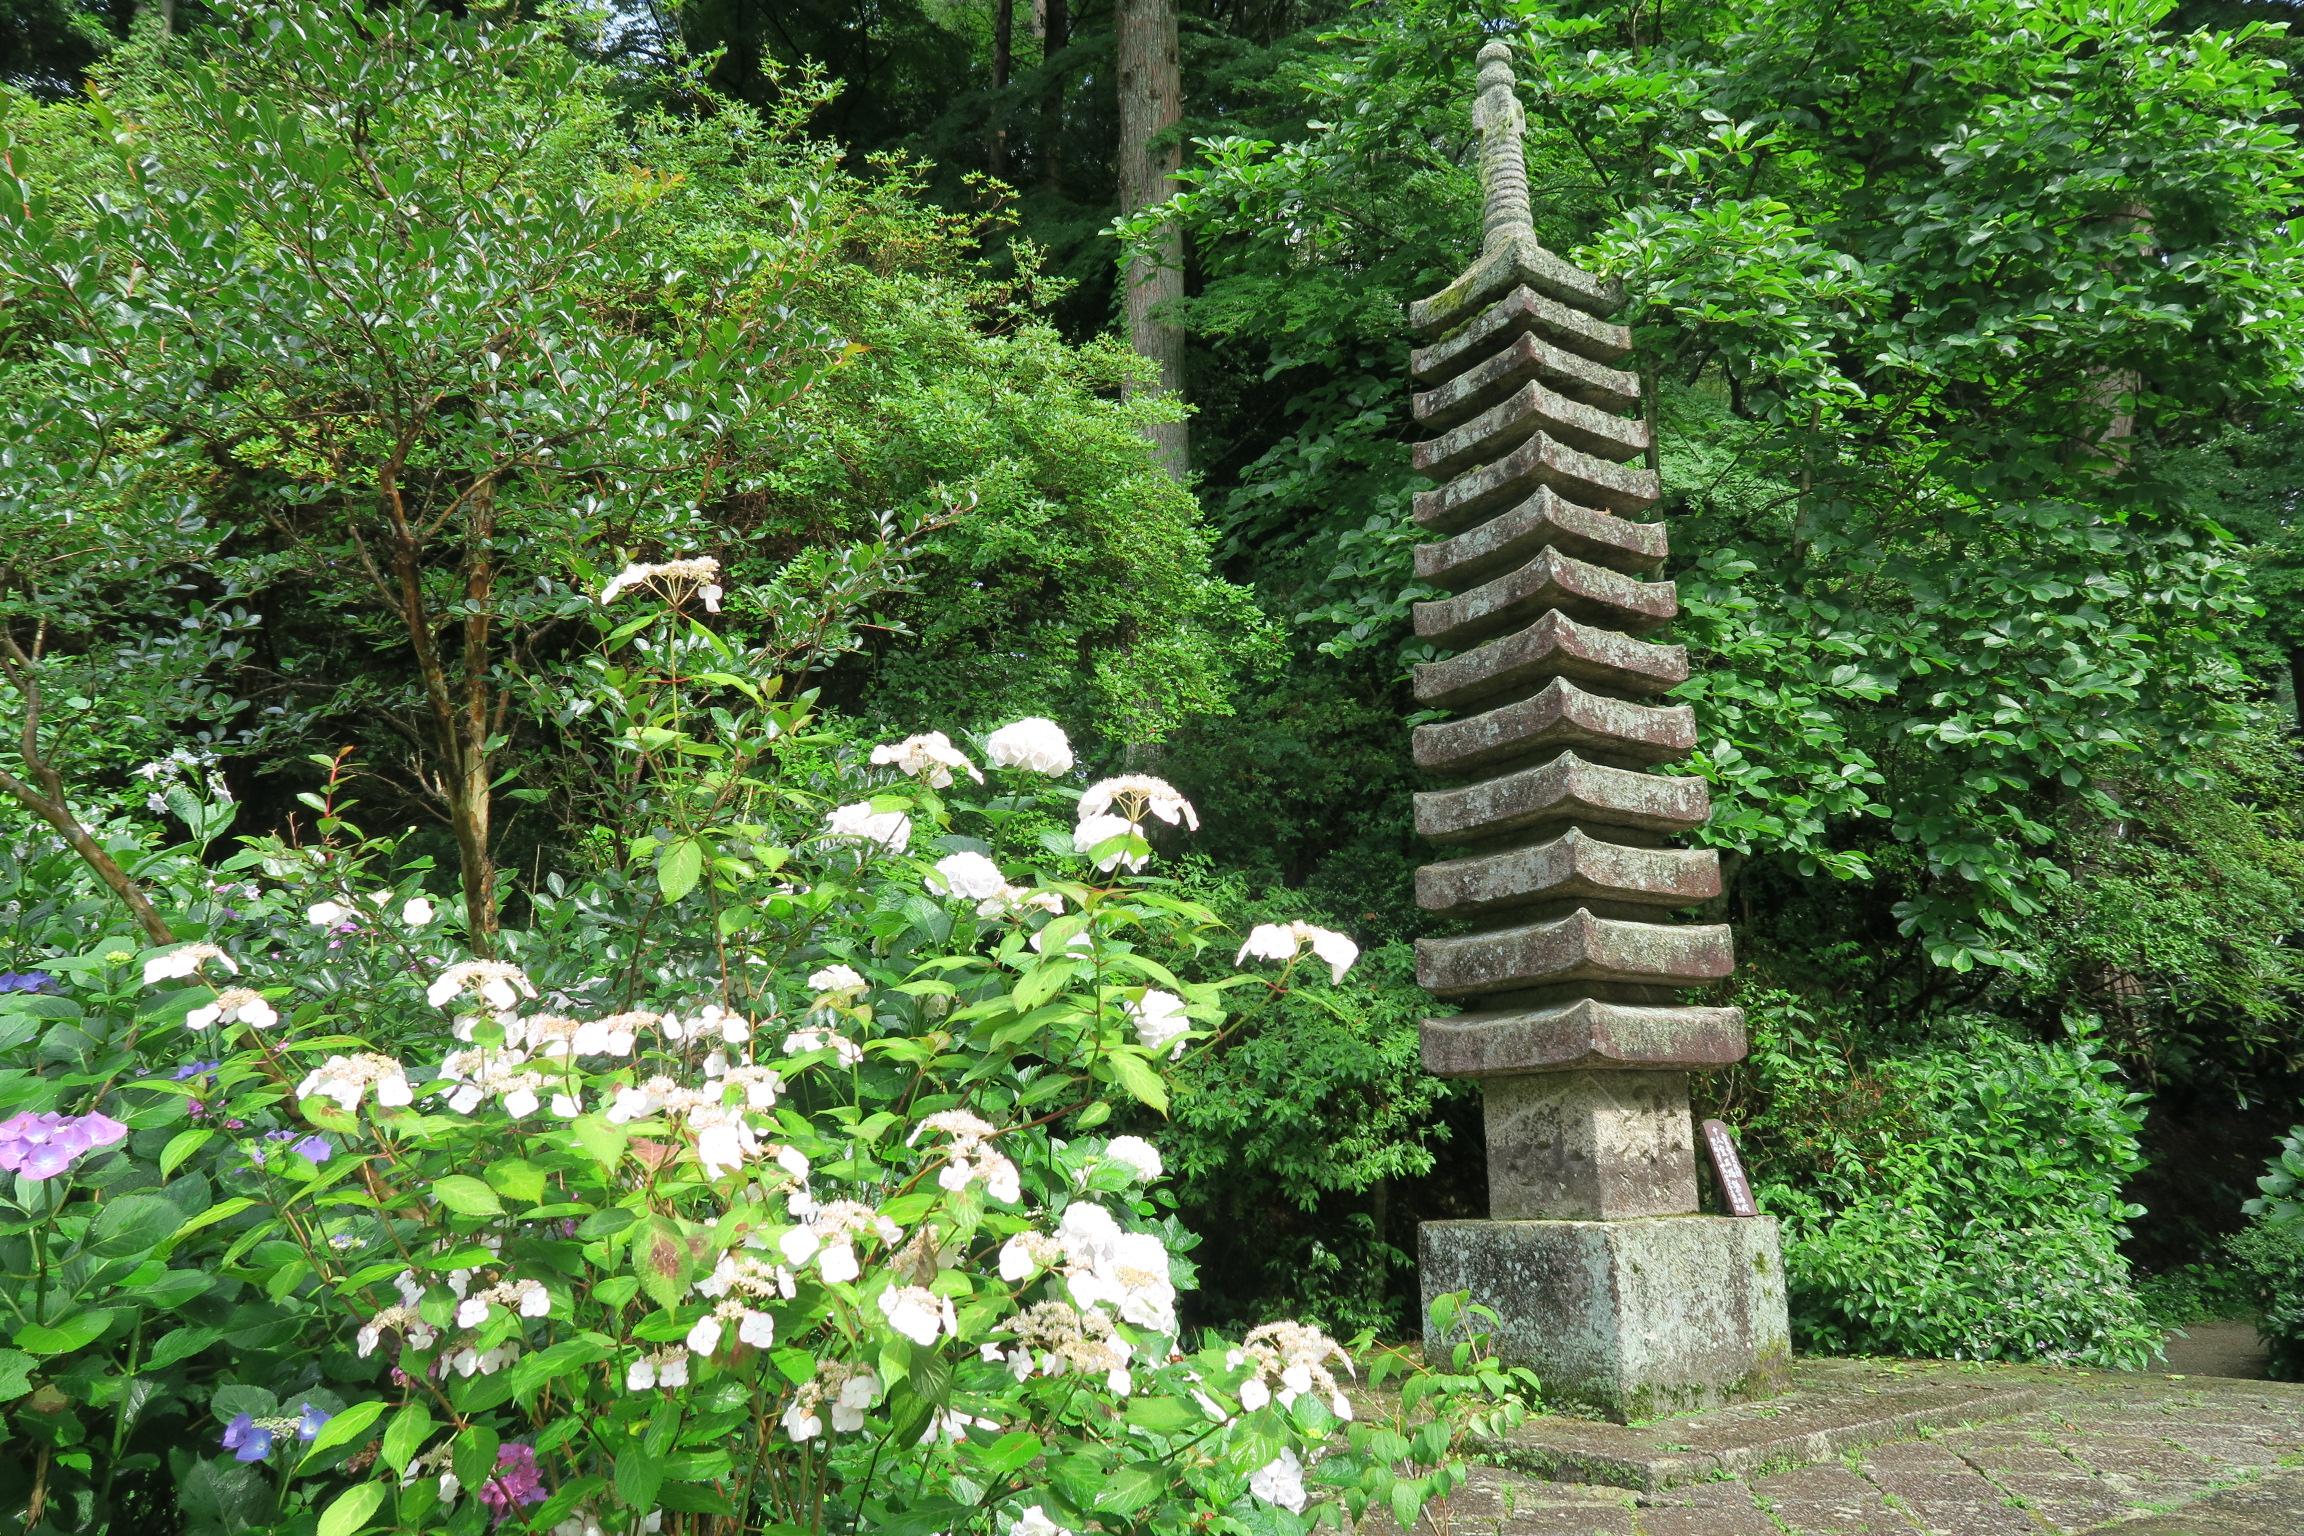 重要文化財の十三重石塔。妙空僧正が造立したものと伝えられています。